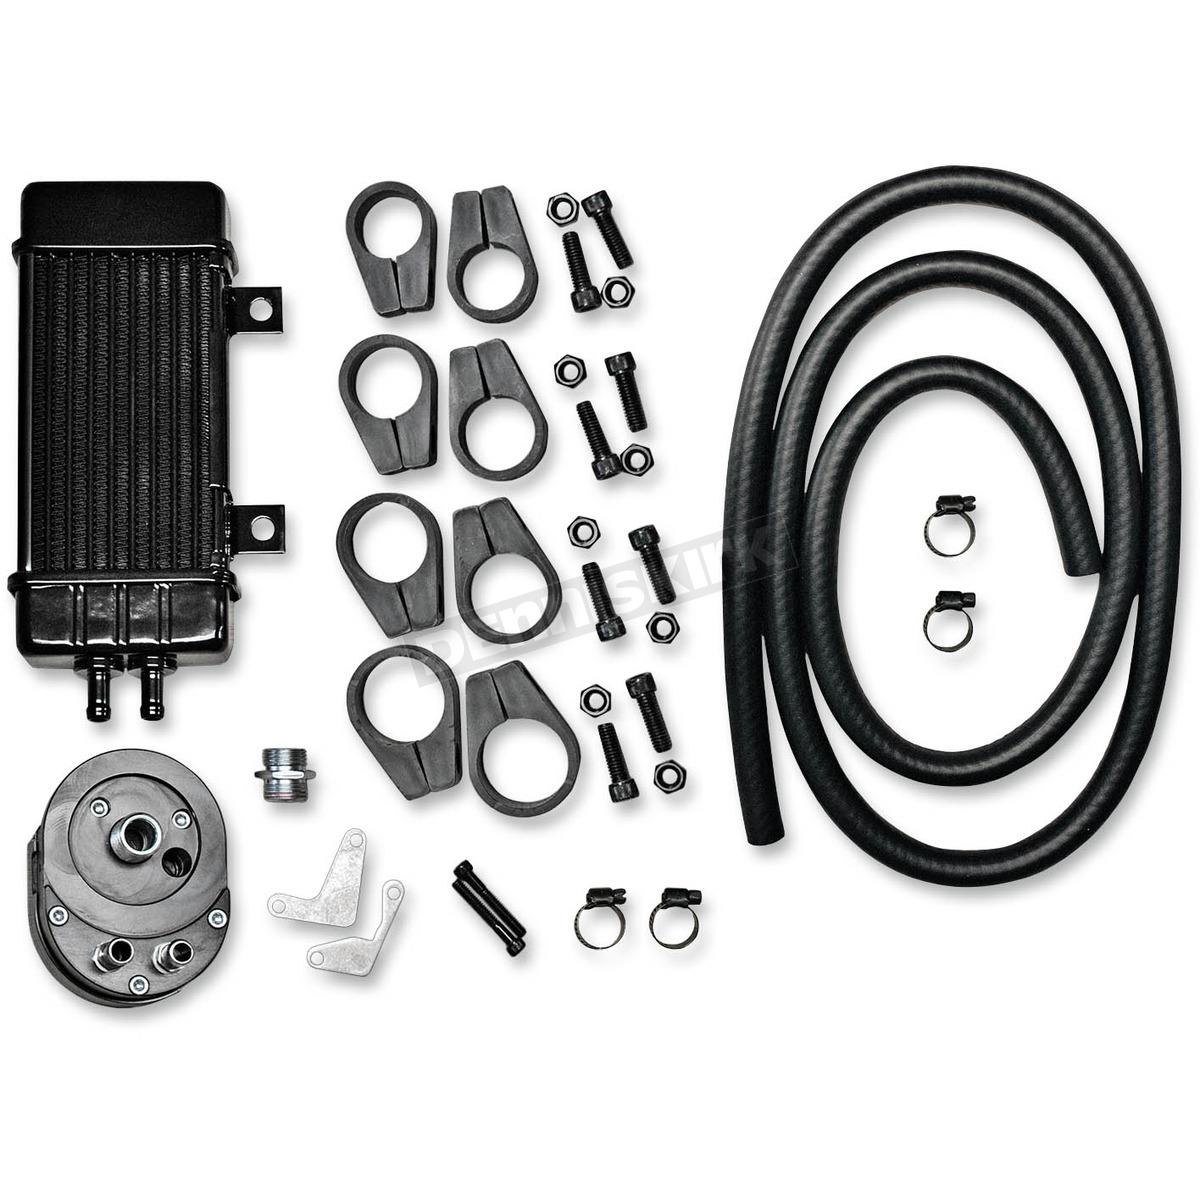 Jagg Wideline Black 10 Row Vertical Frame Mount Oil Cooler Kit